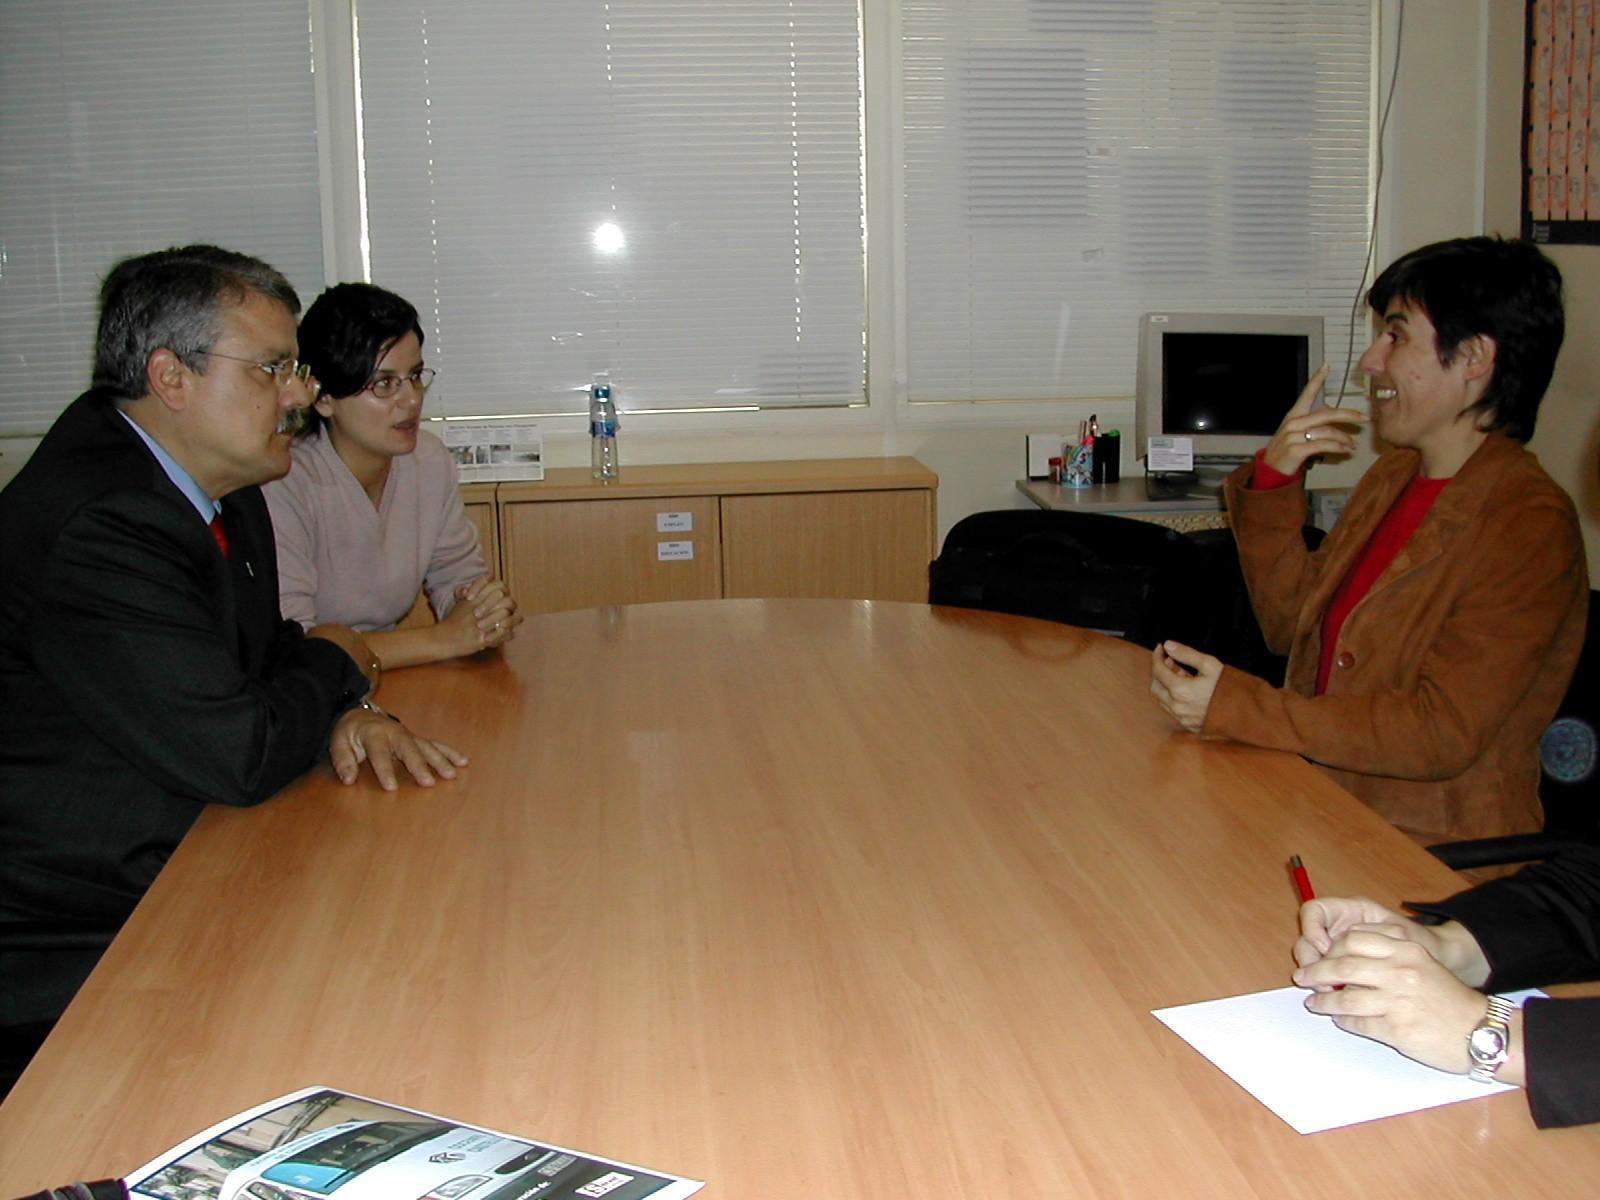 Visita del Síndic al Centre de Formació i estudis per a la comunitat sorda